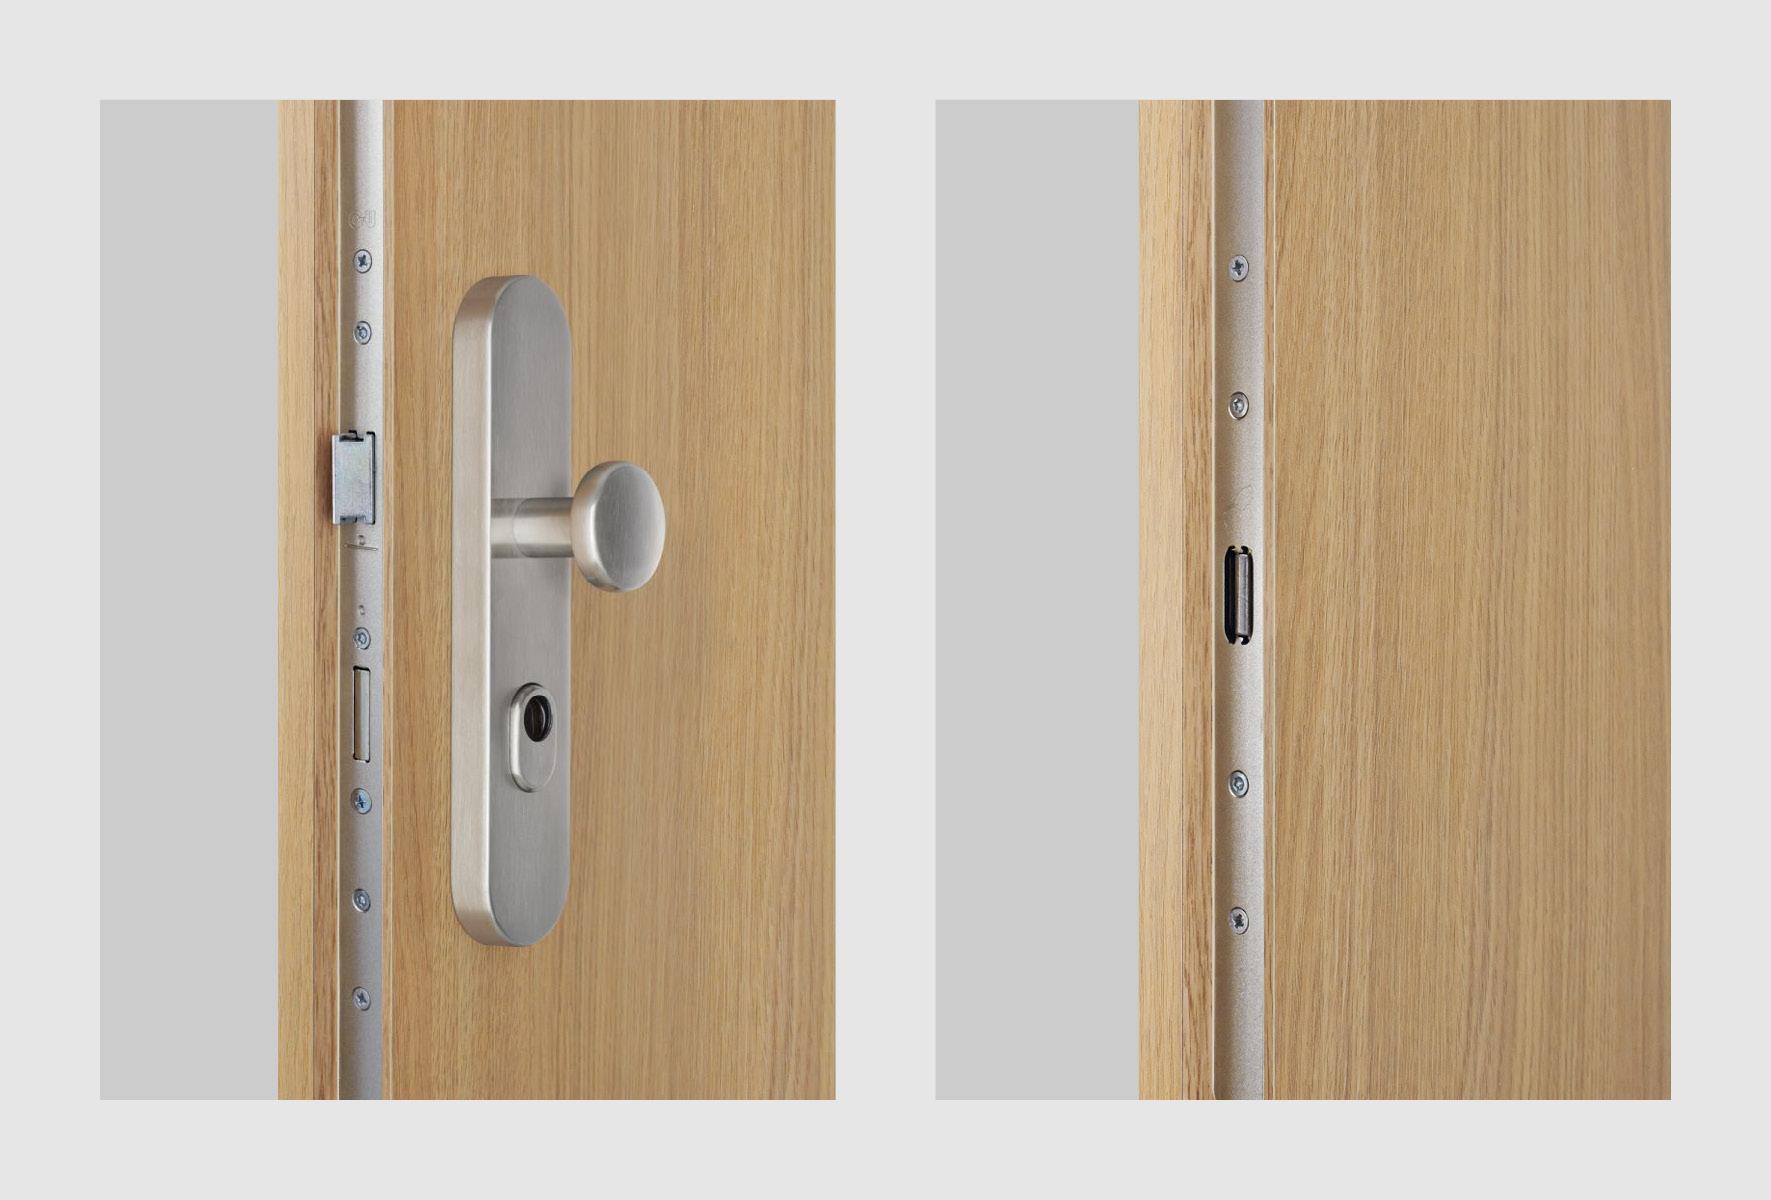 Hervorragend Wohnungseingangstüren » Sicherheit und starke Dämmung JO39